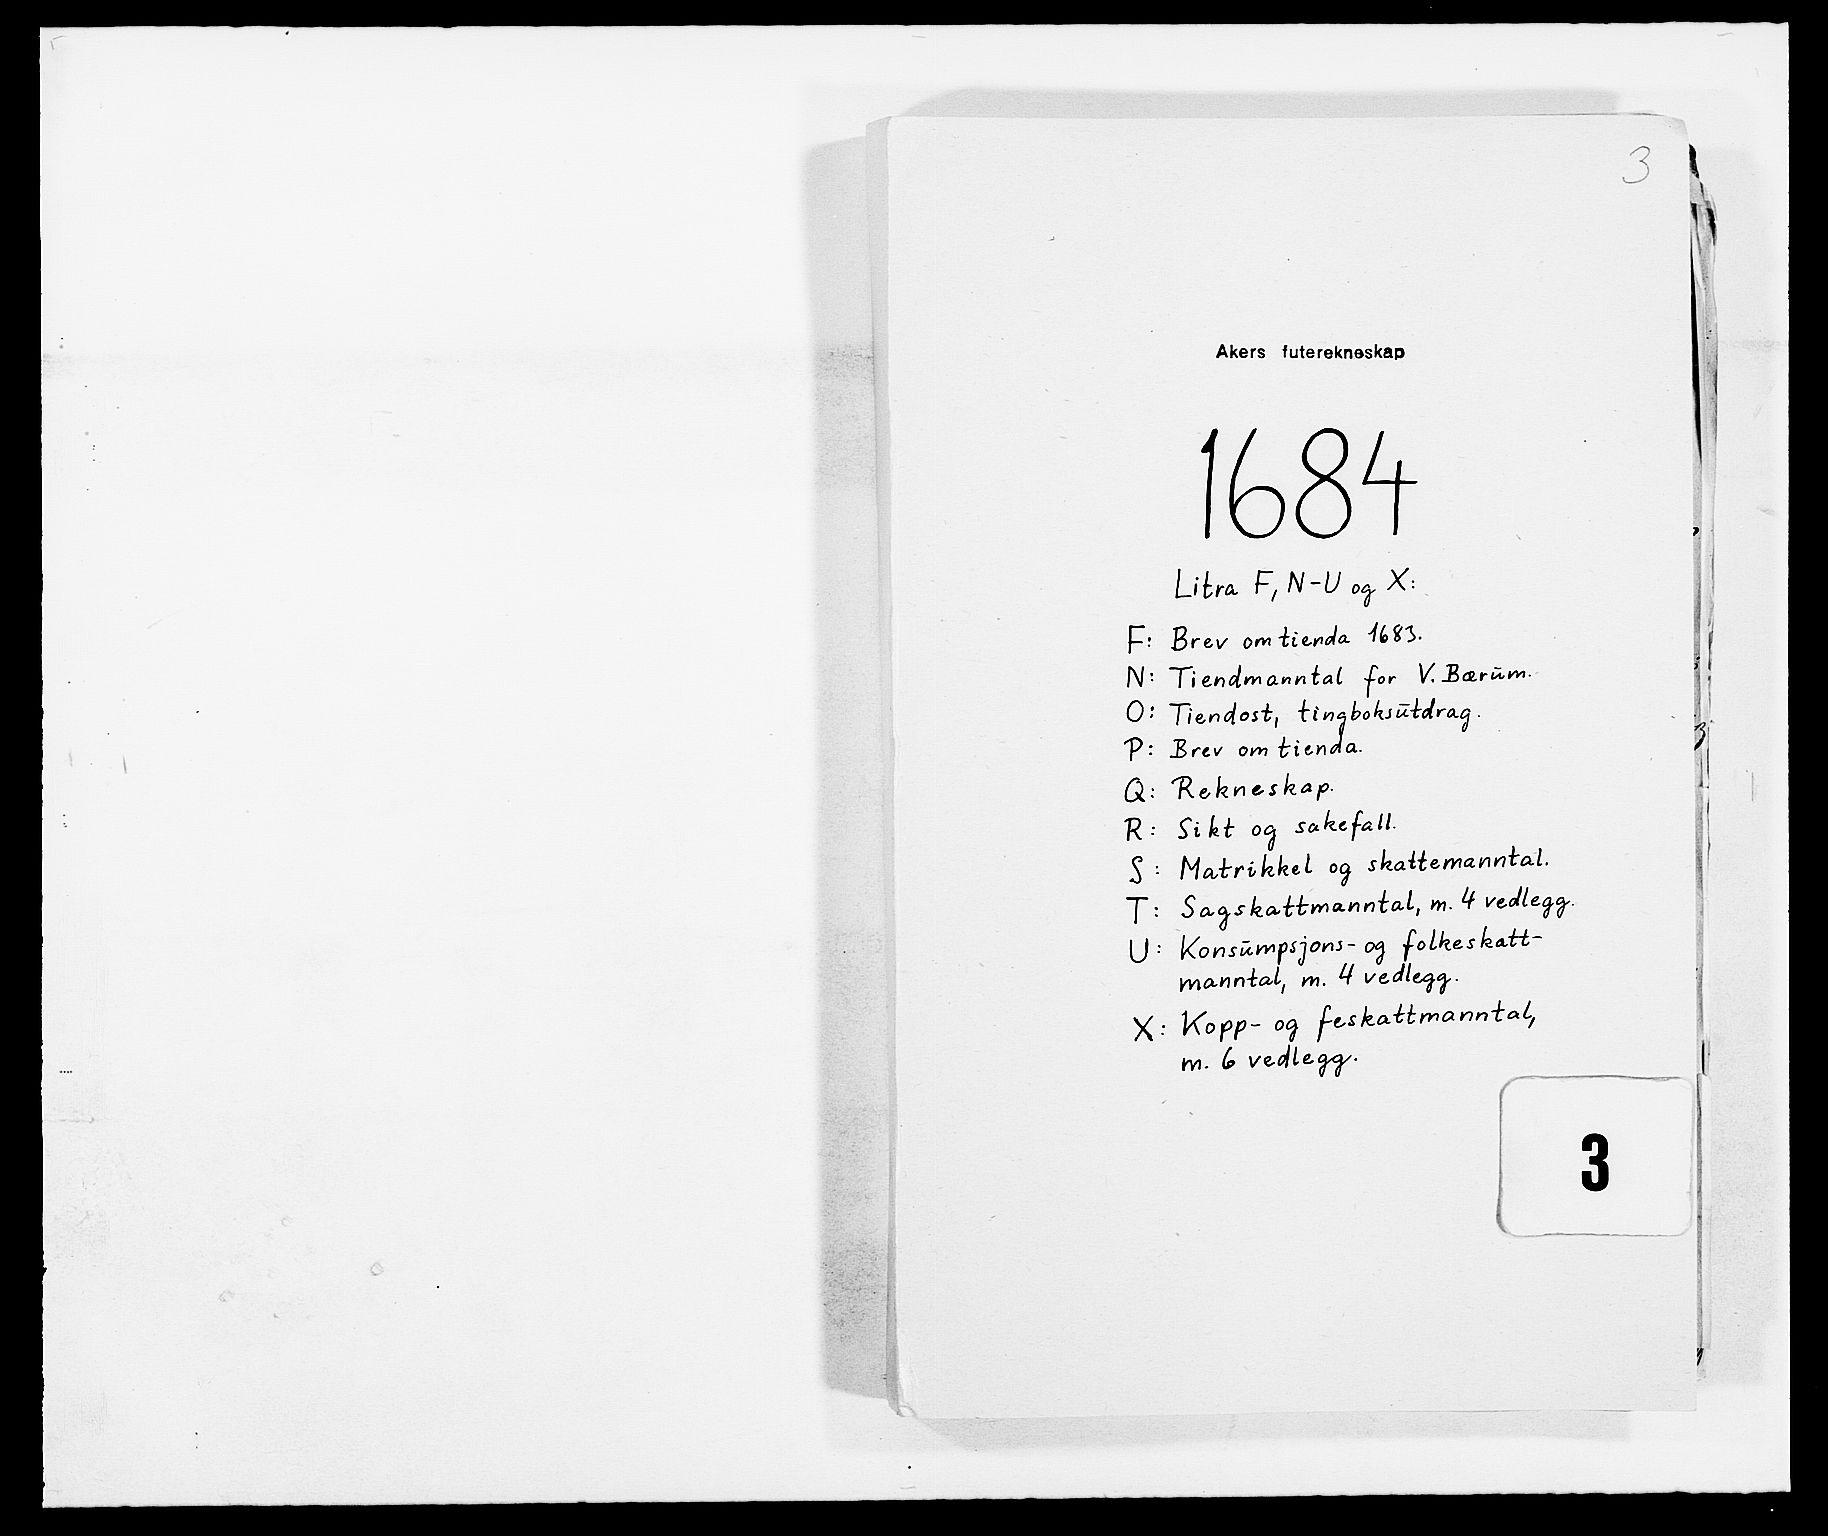 RA, Rentekammeret inntil 1814, Reviderte regnskaper, Fogderegnskap, R08/L0421: Fogderegnskap Aker, 1682-1683, s. 1